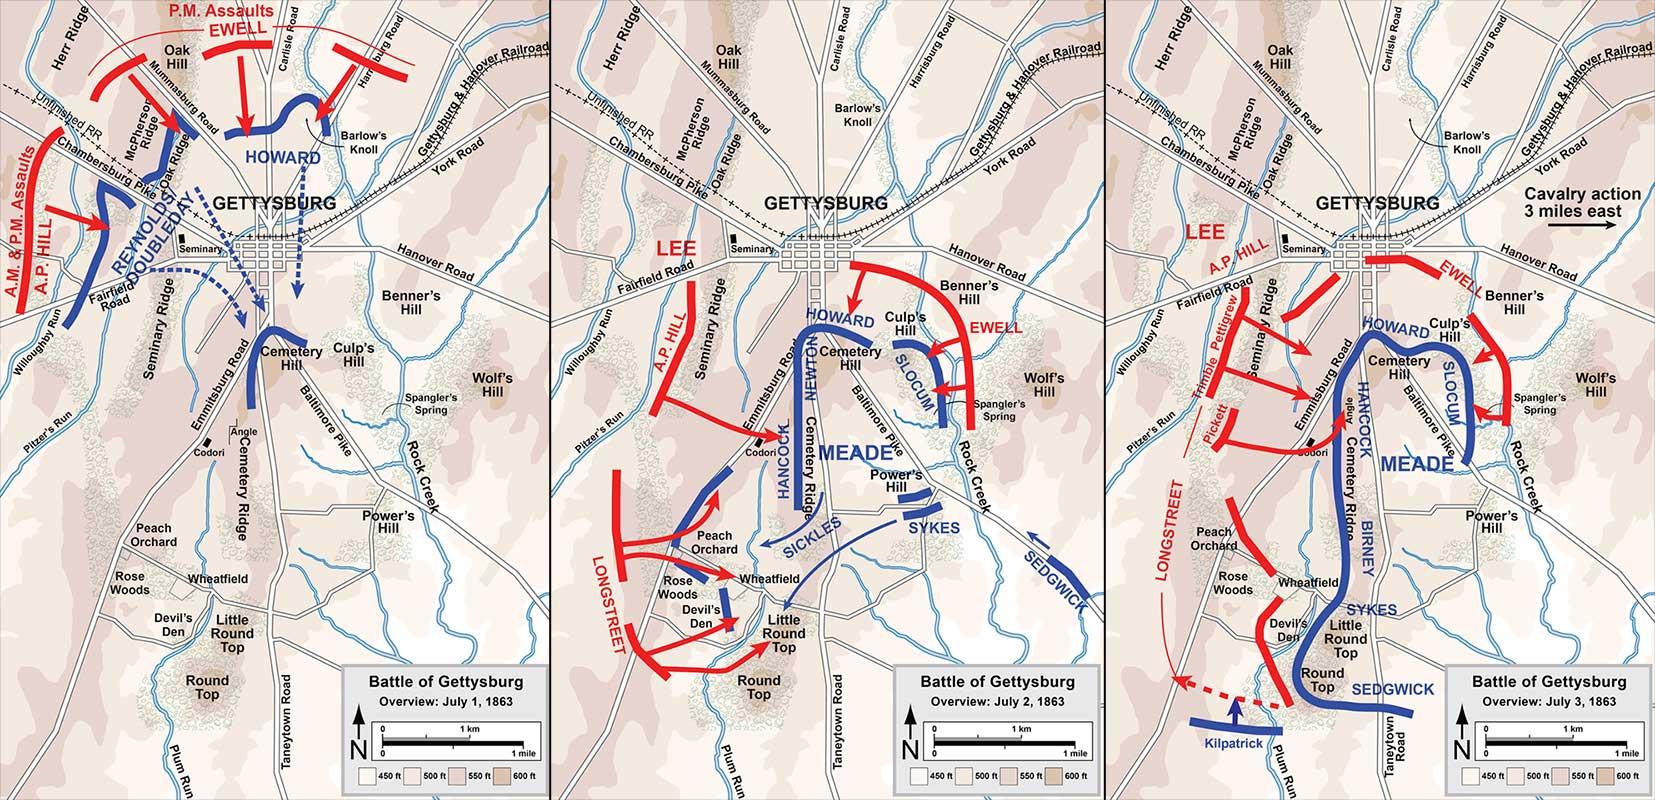 Mapa de la batalla de Gettysburg (pincha para ampliar)